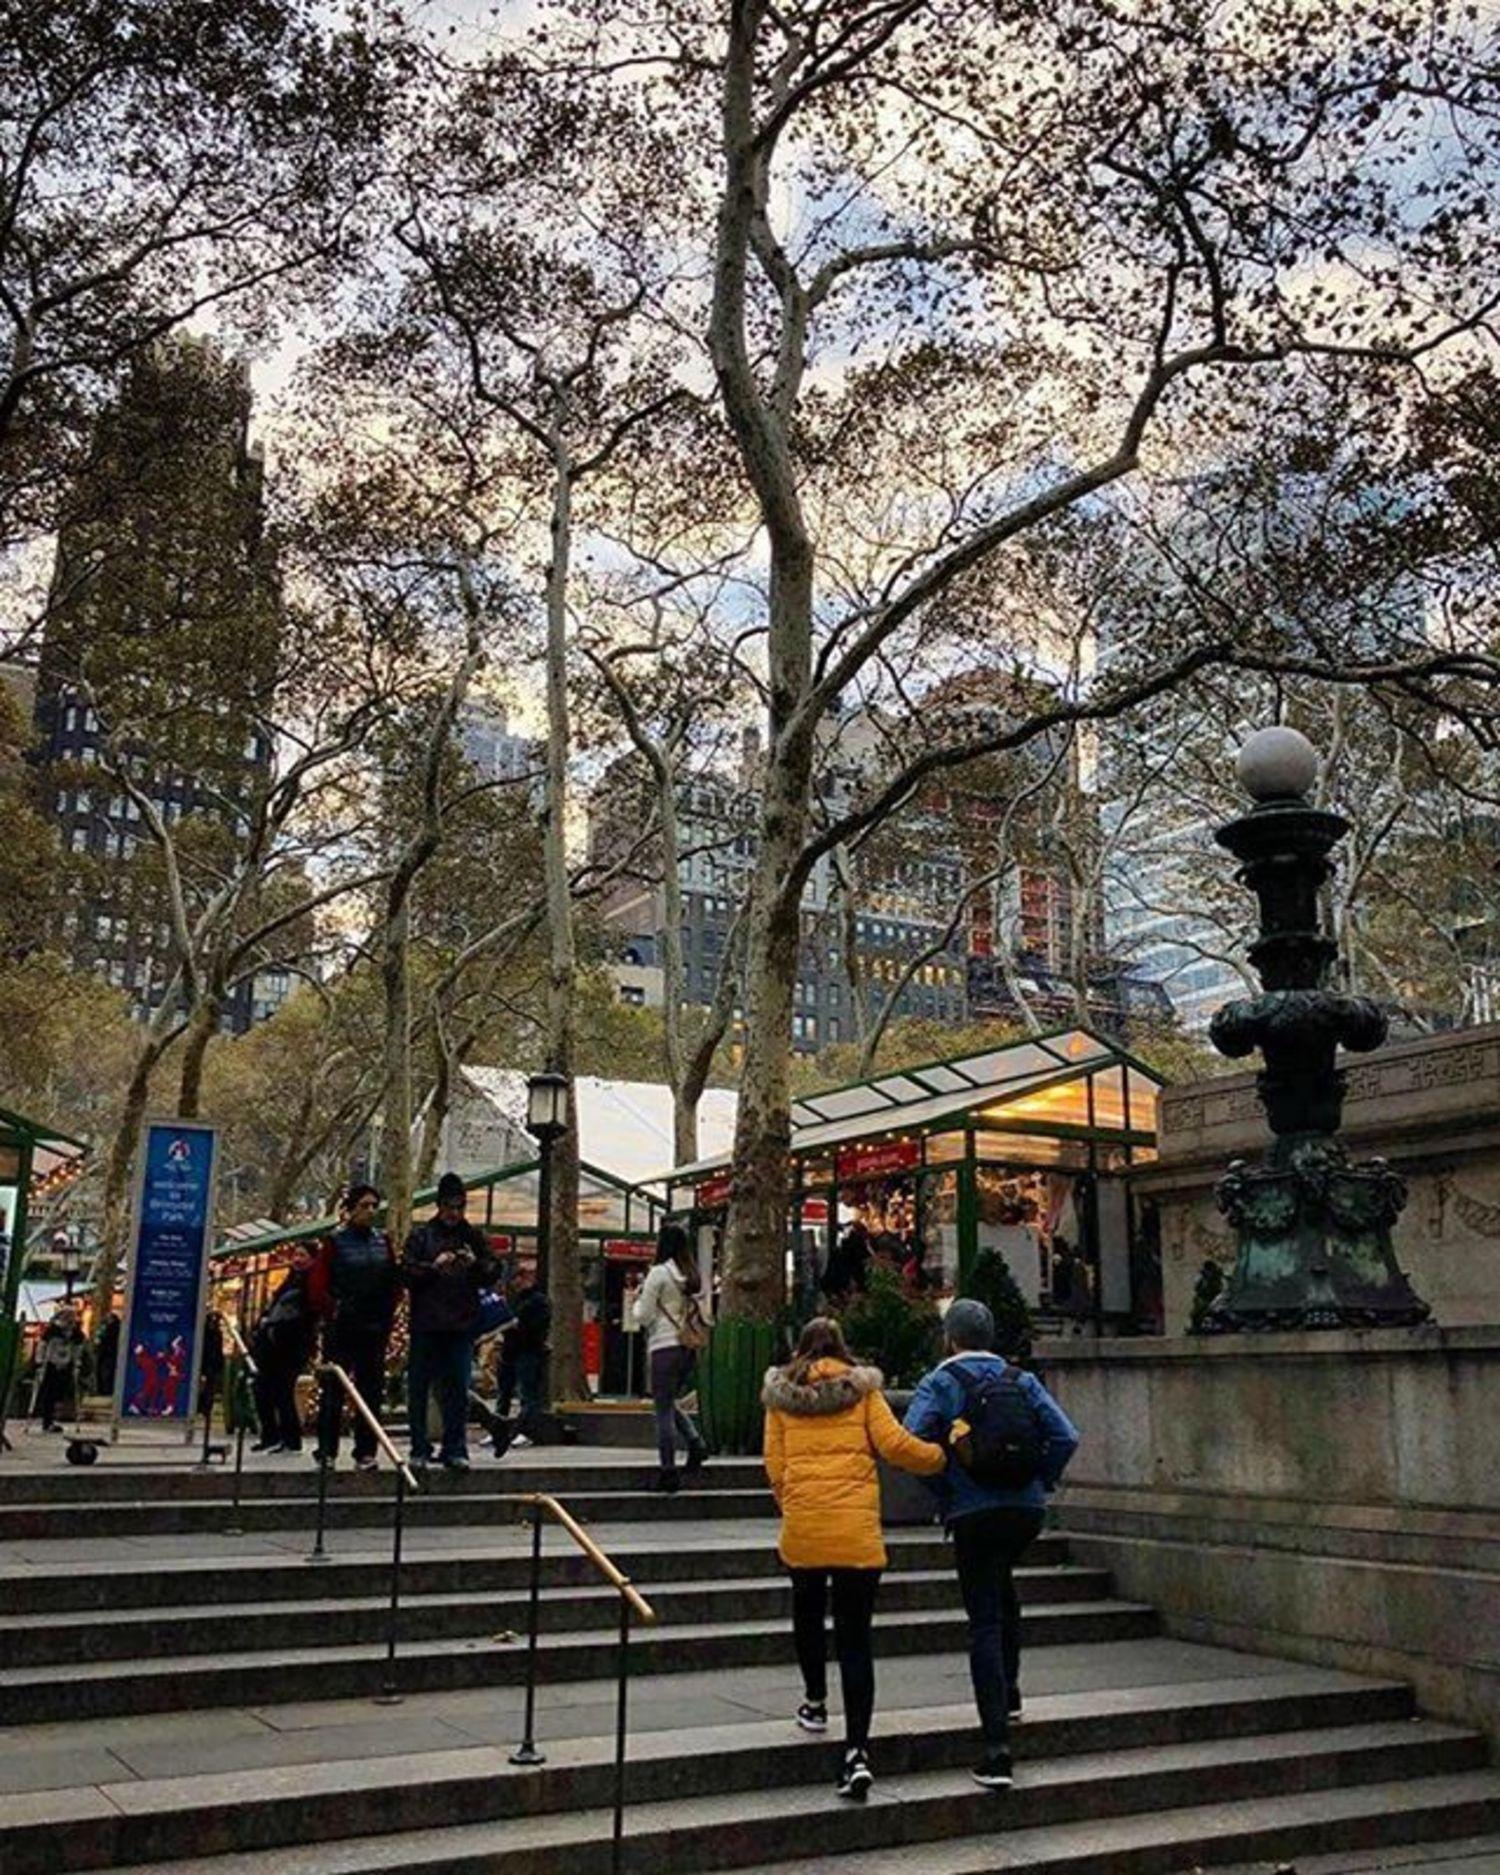 Bryant Park, New York. Photo via @nyc_russ #viewingnyc #newyorkcity #newyork #nyc